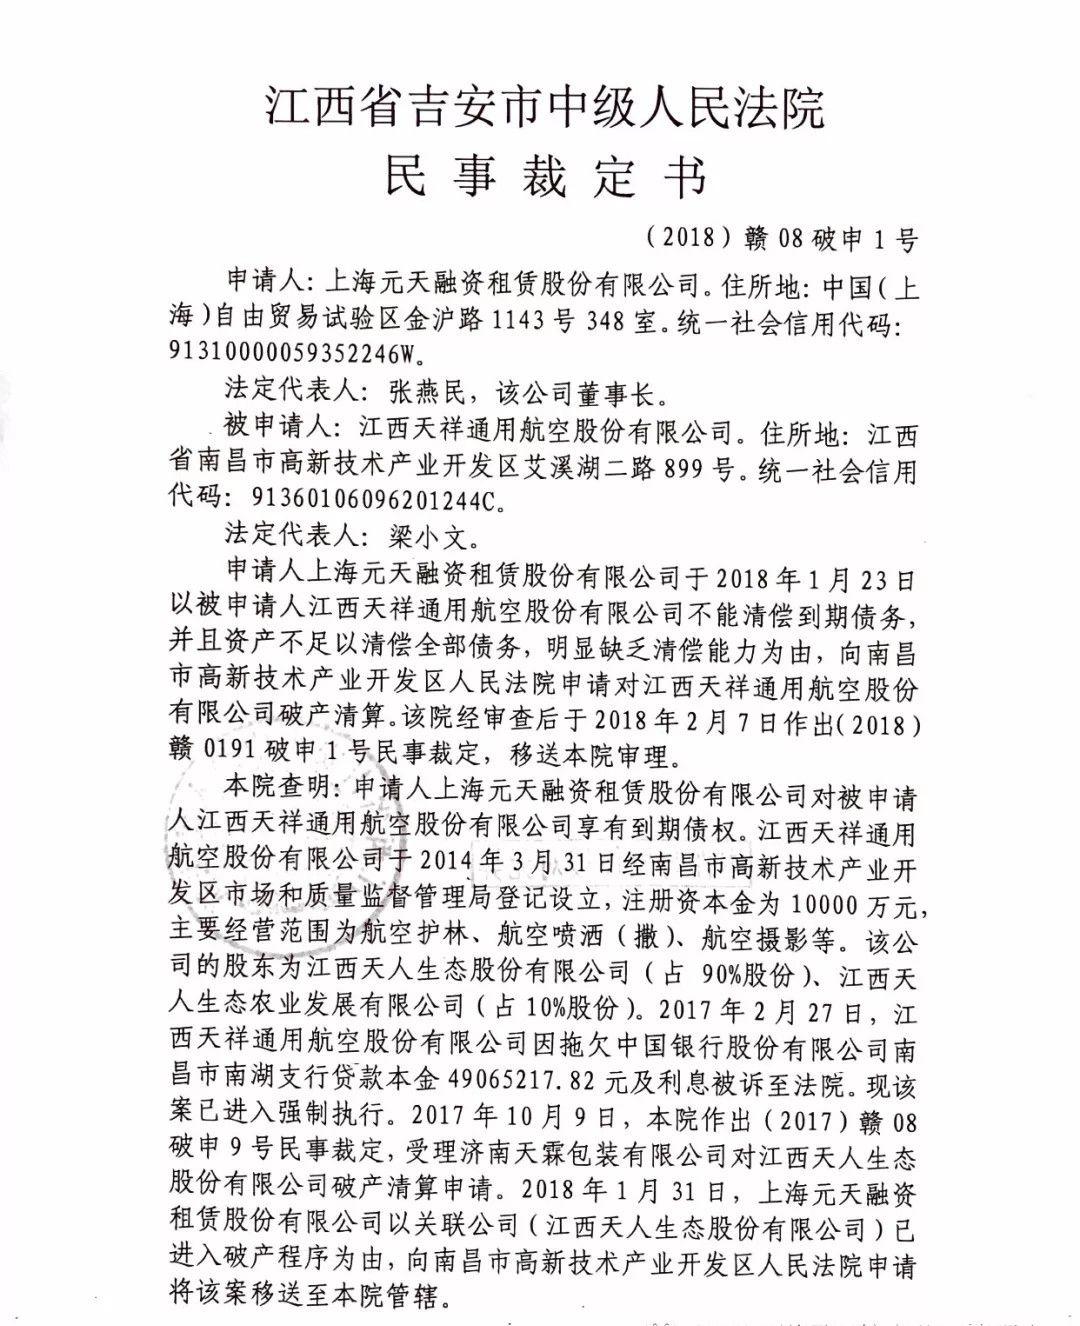 资不抵债!江西天祥通航被法院裁定破产清算